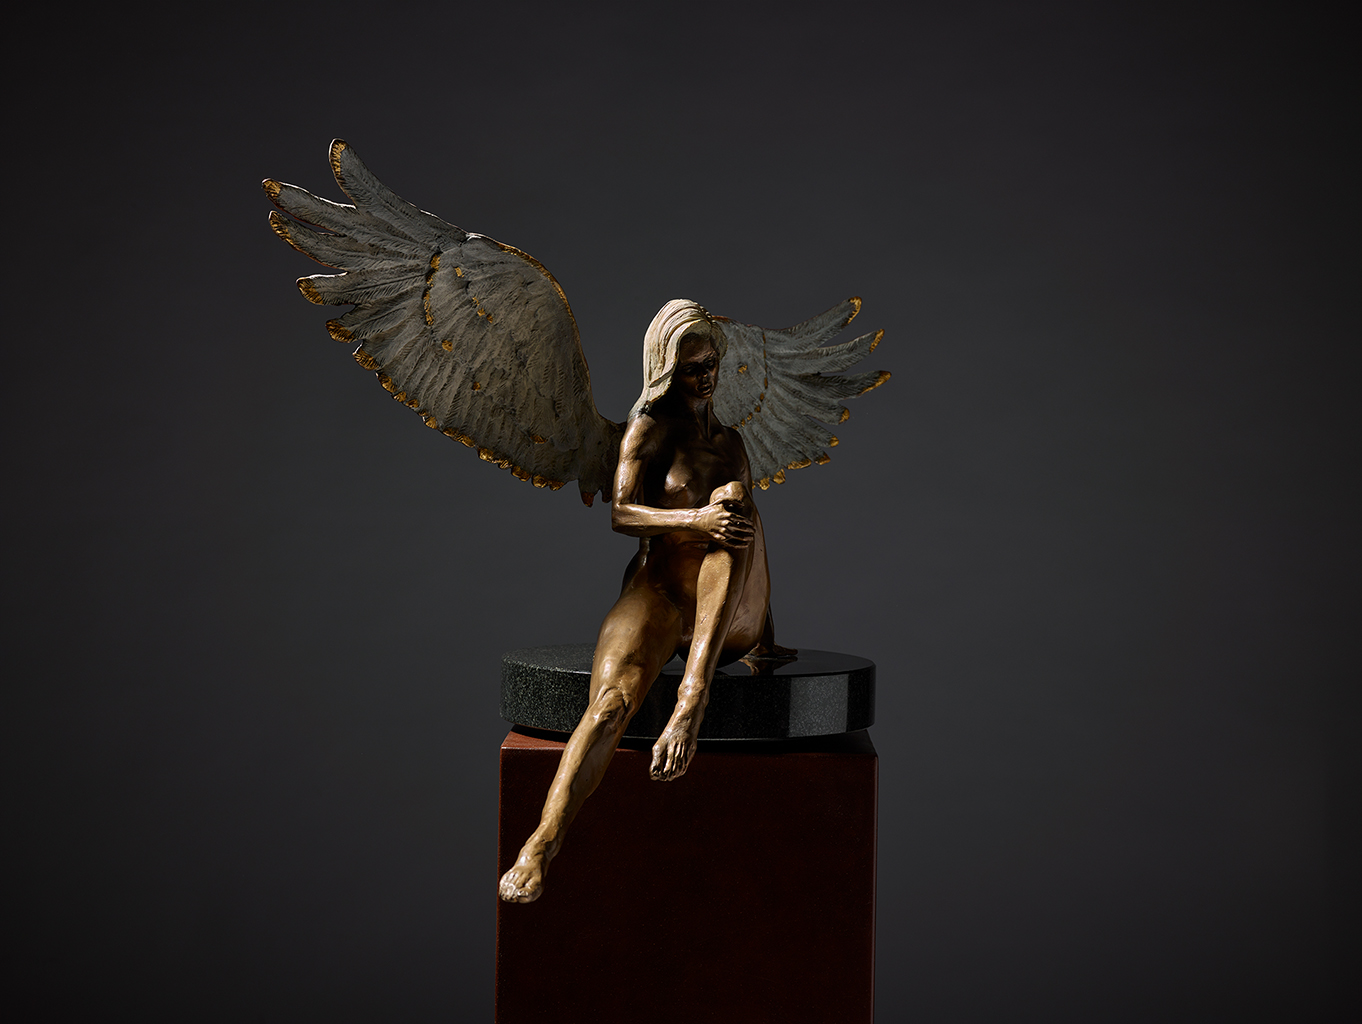 fallen angel edwards_1711_009.jpg